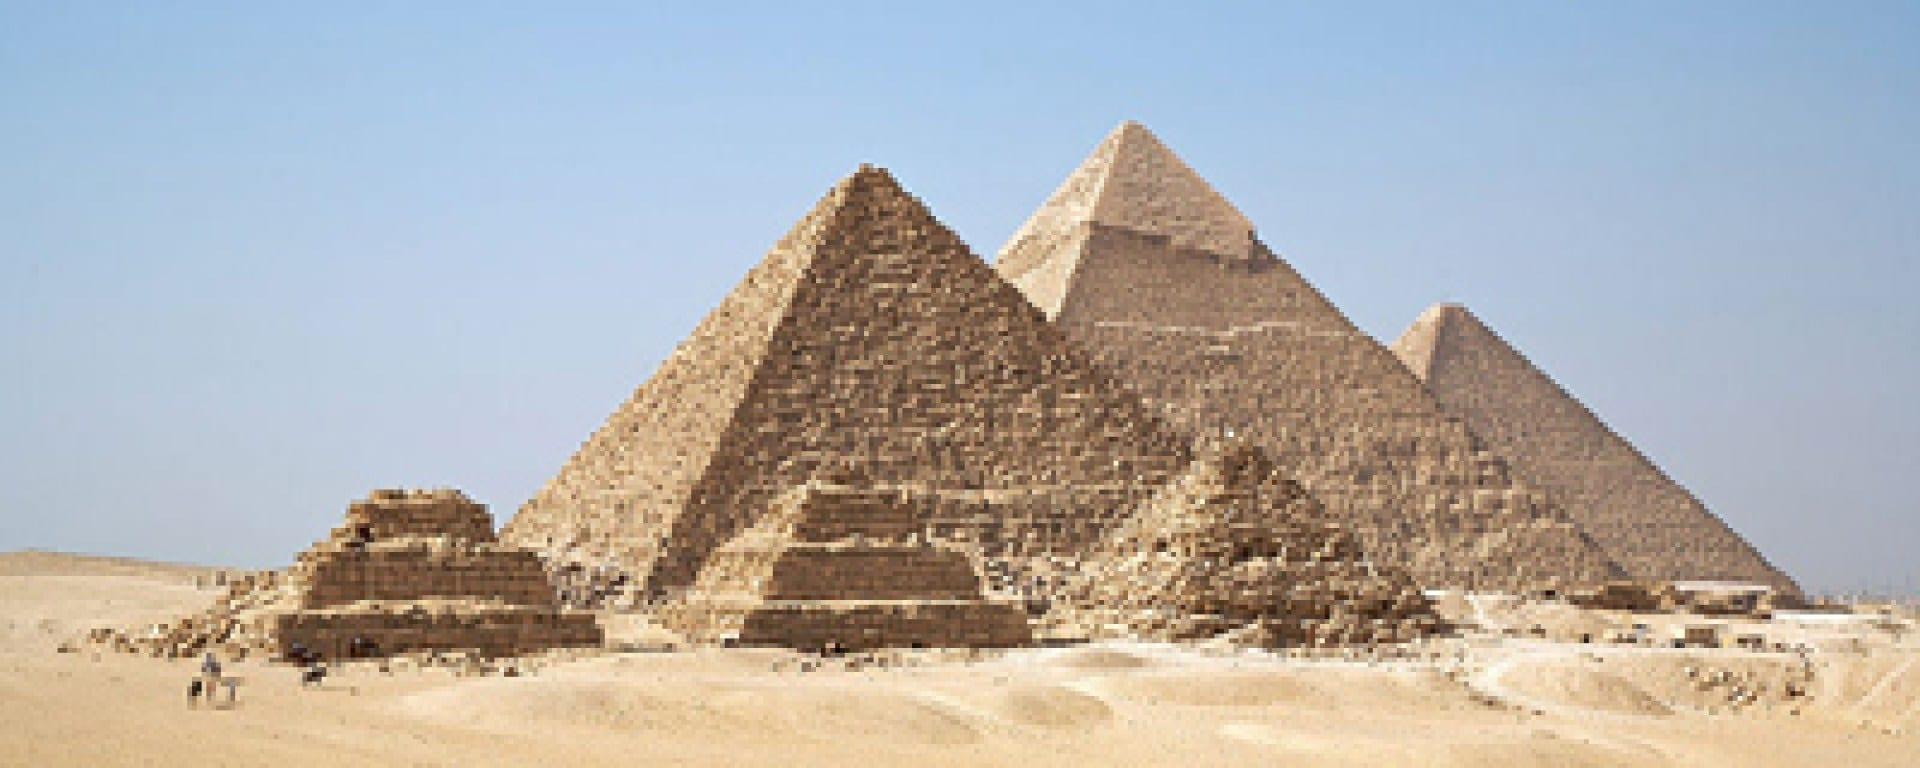 yan yana üç adet taş yapı ve arkada yan yana üç adet piramit